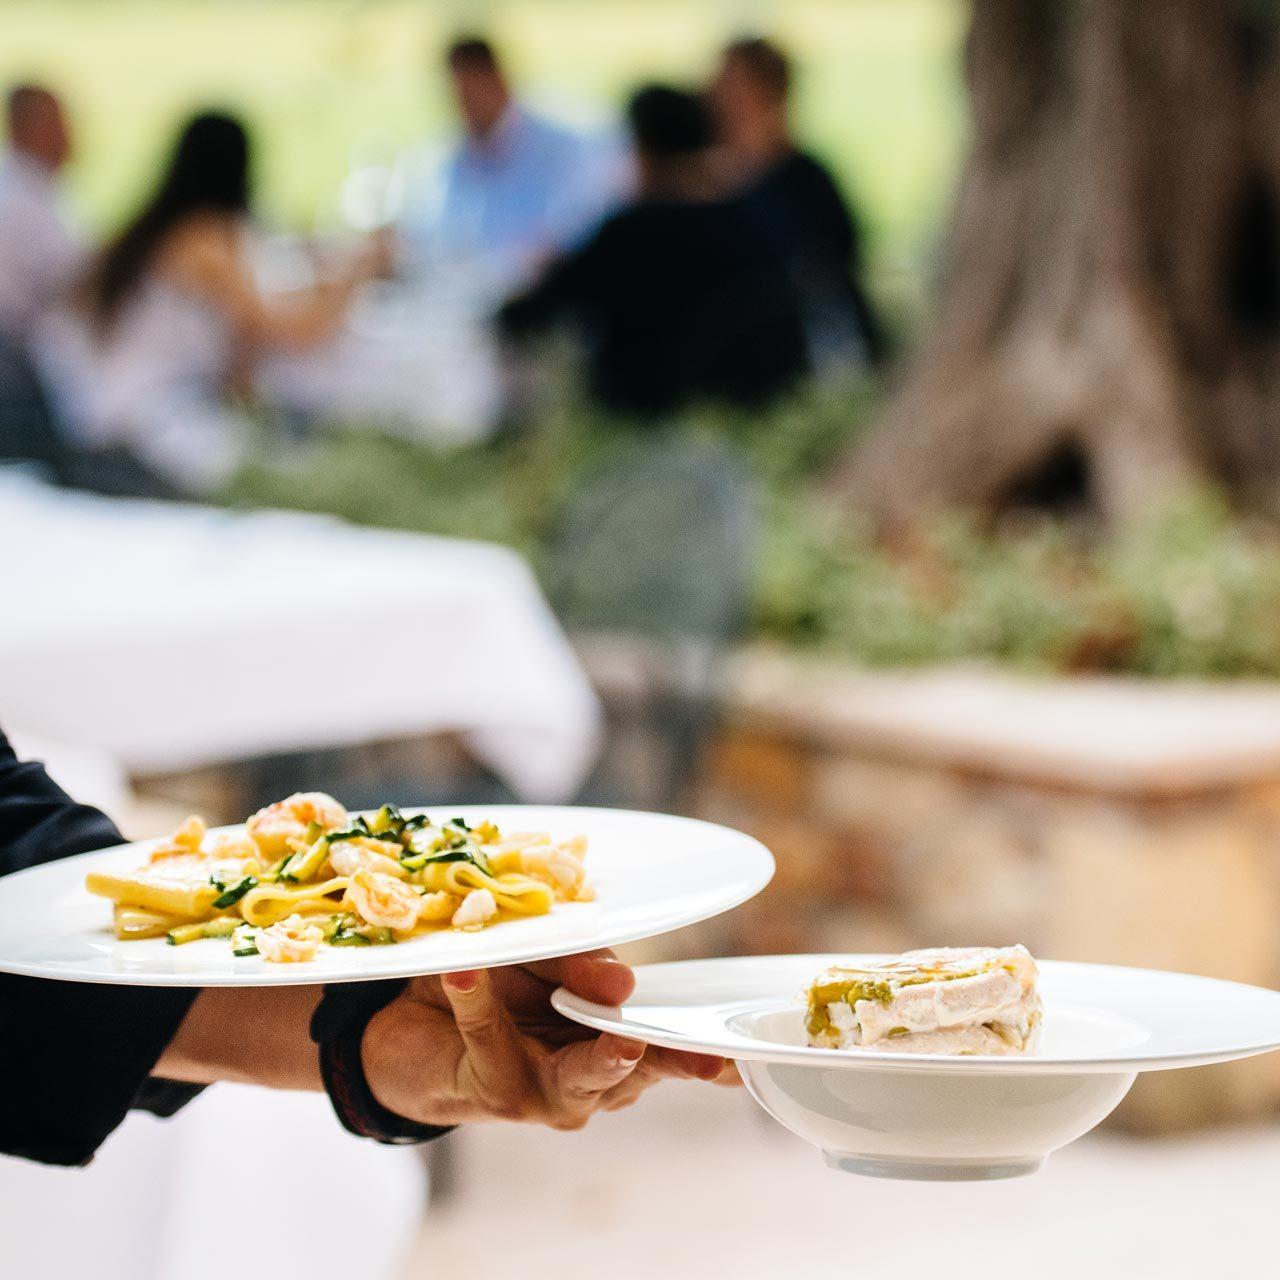 Cucina tipica e piatti tradizionali nel cuore della Valpolicella